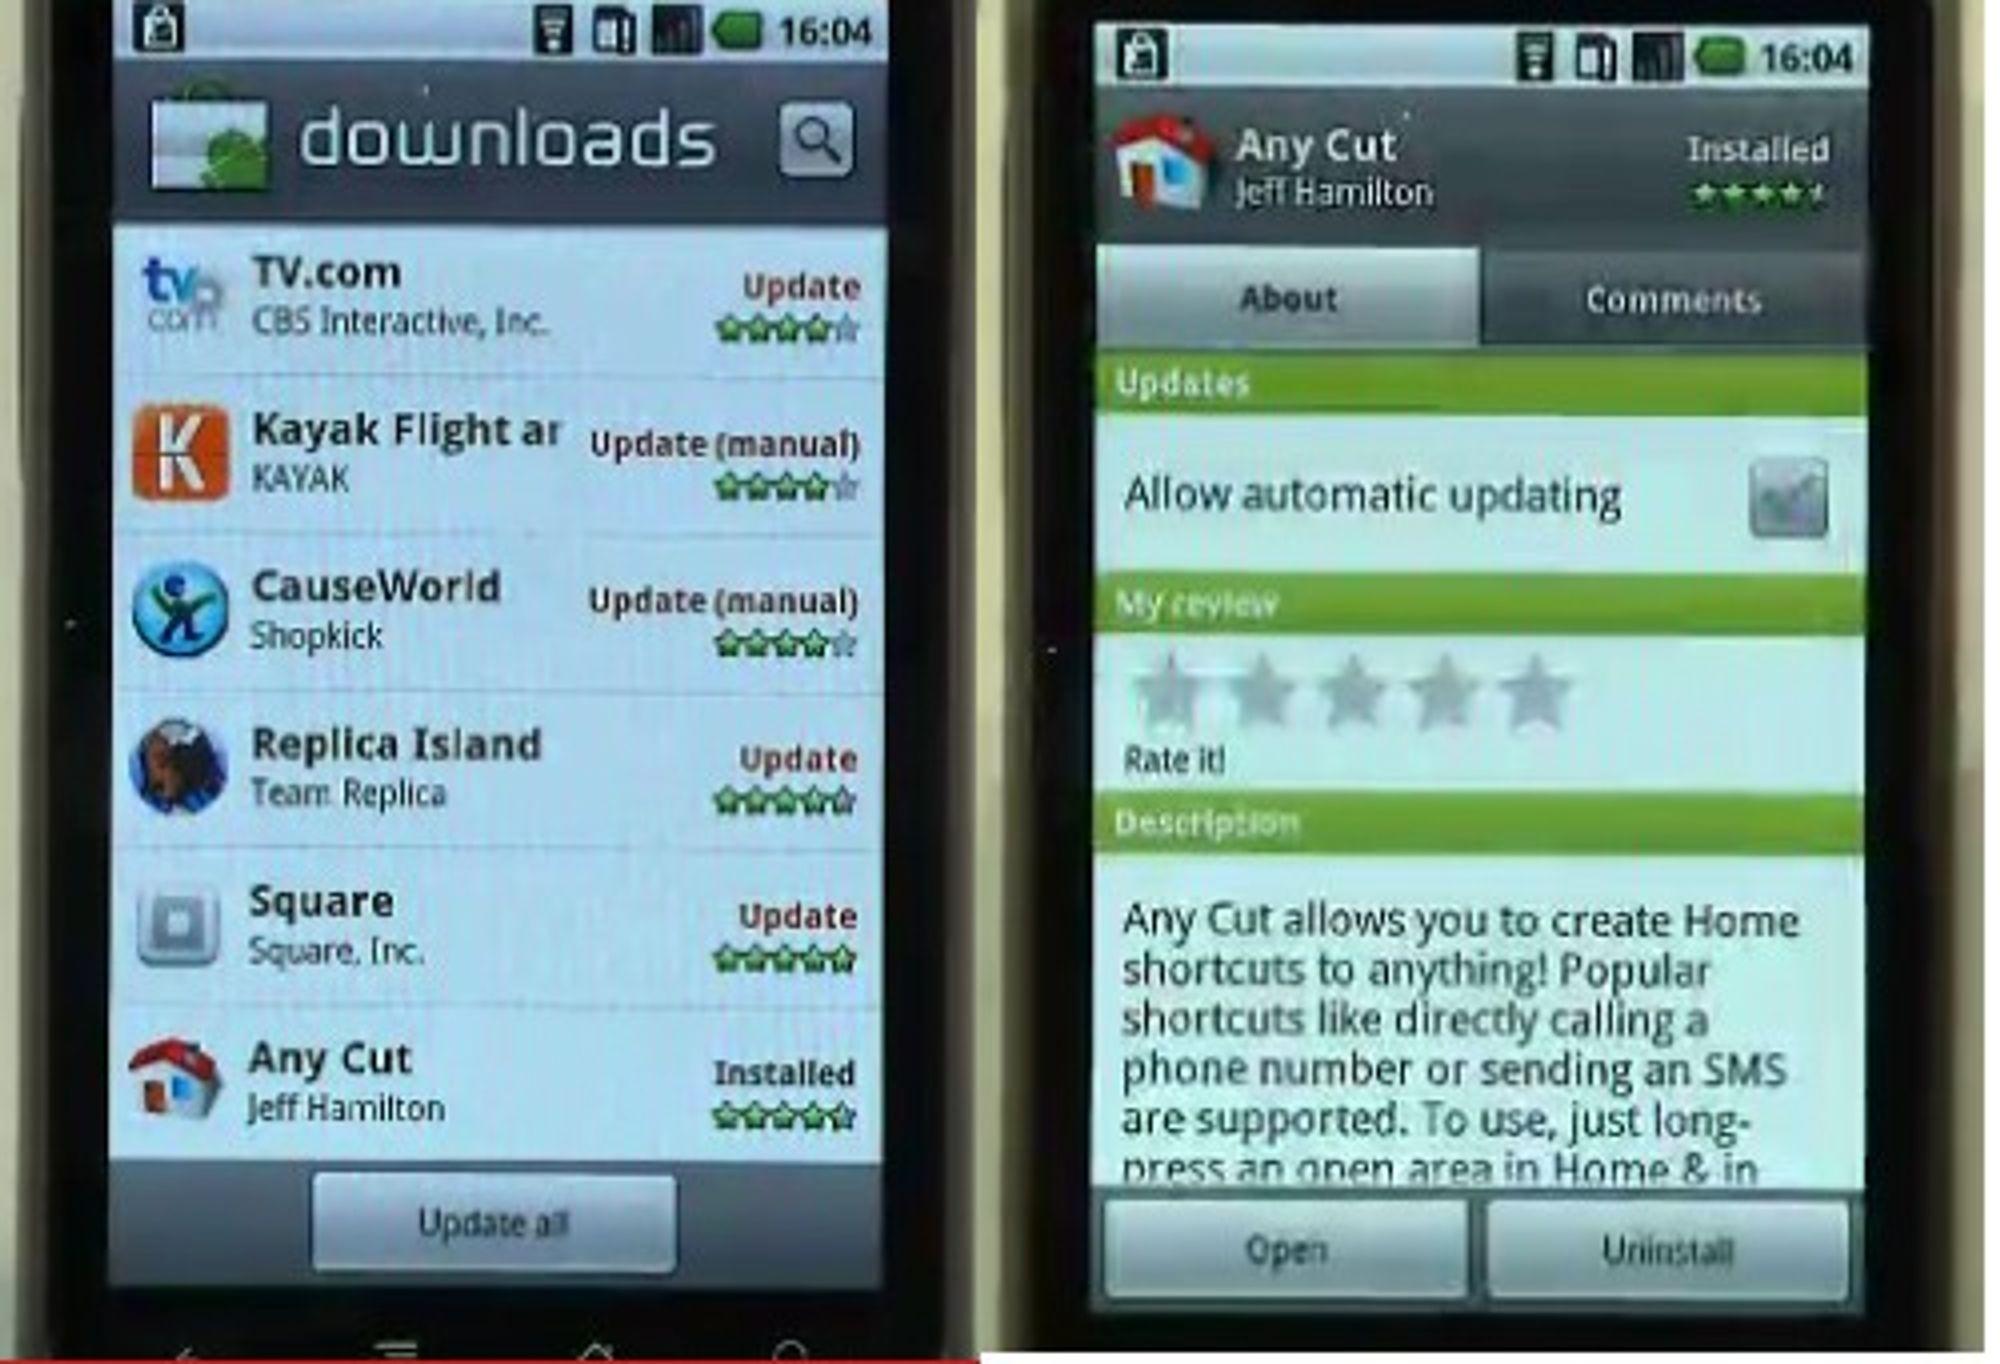 I Android 2.2 kan man oppdatere alle applikasjonene med ett trykk på skjermen eller tillate at oppdateringene gjøres automatisk.